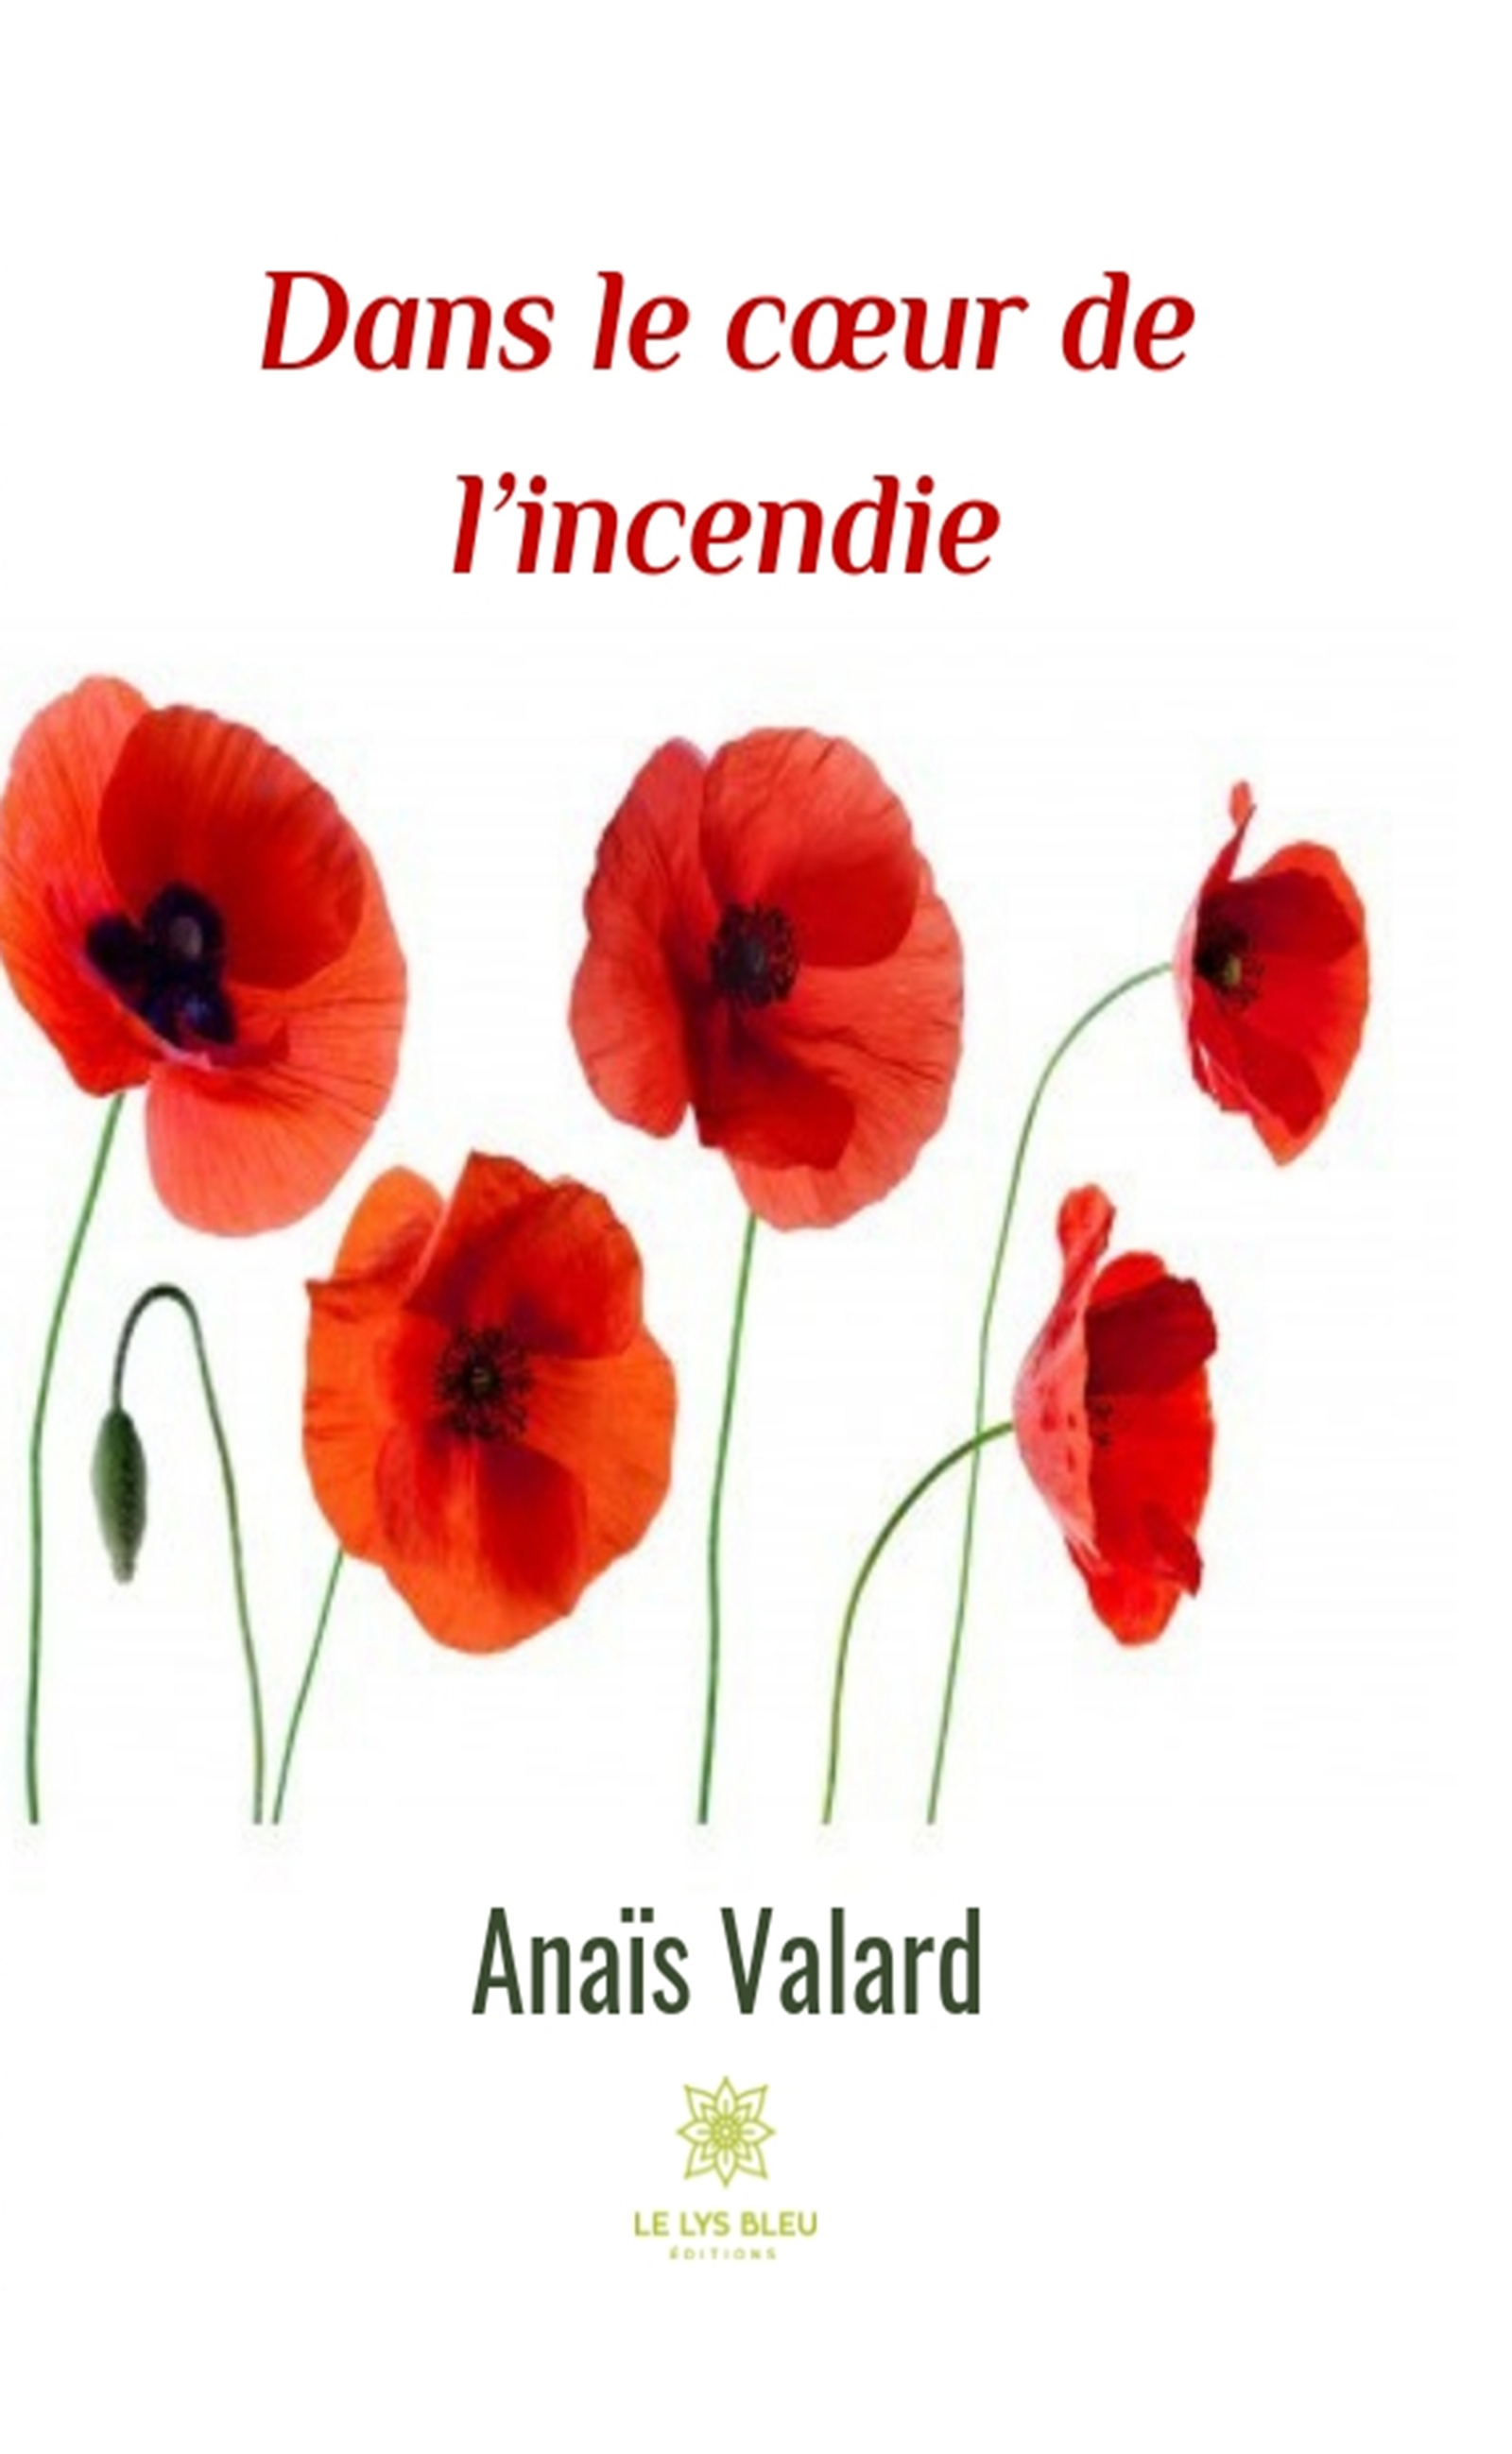 Cover Image of Dans le coeur de l'incendie